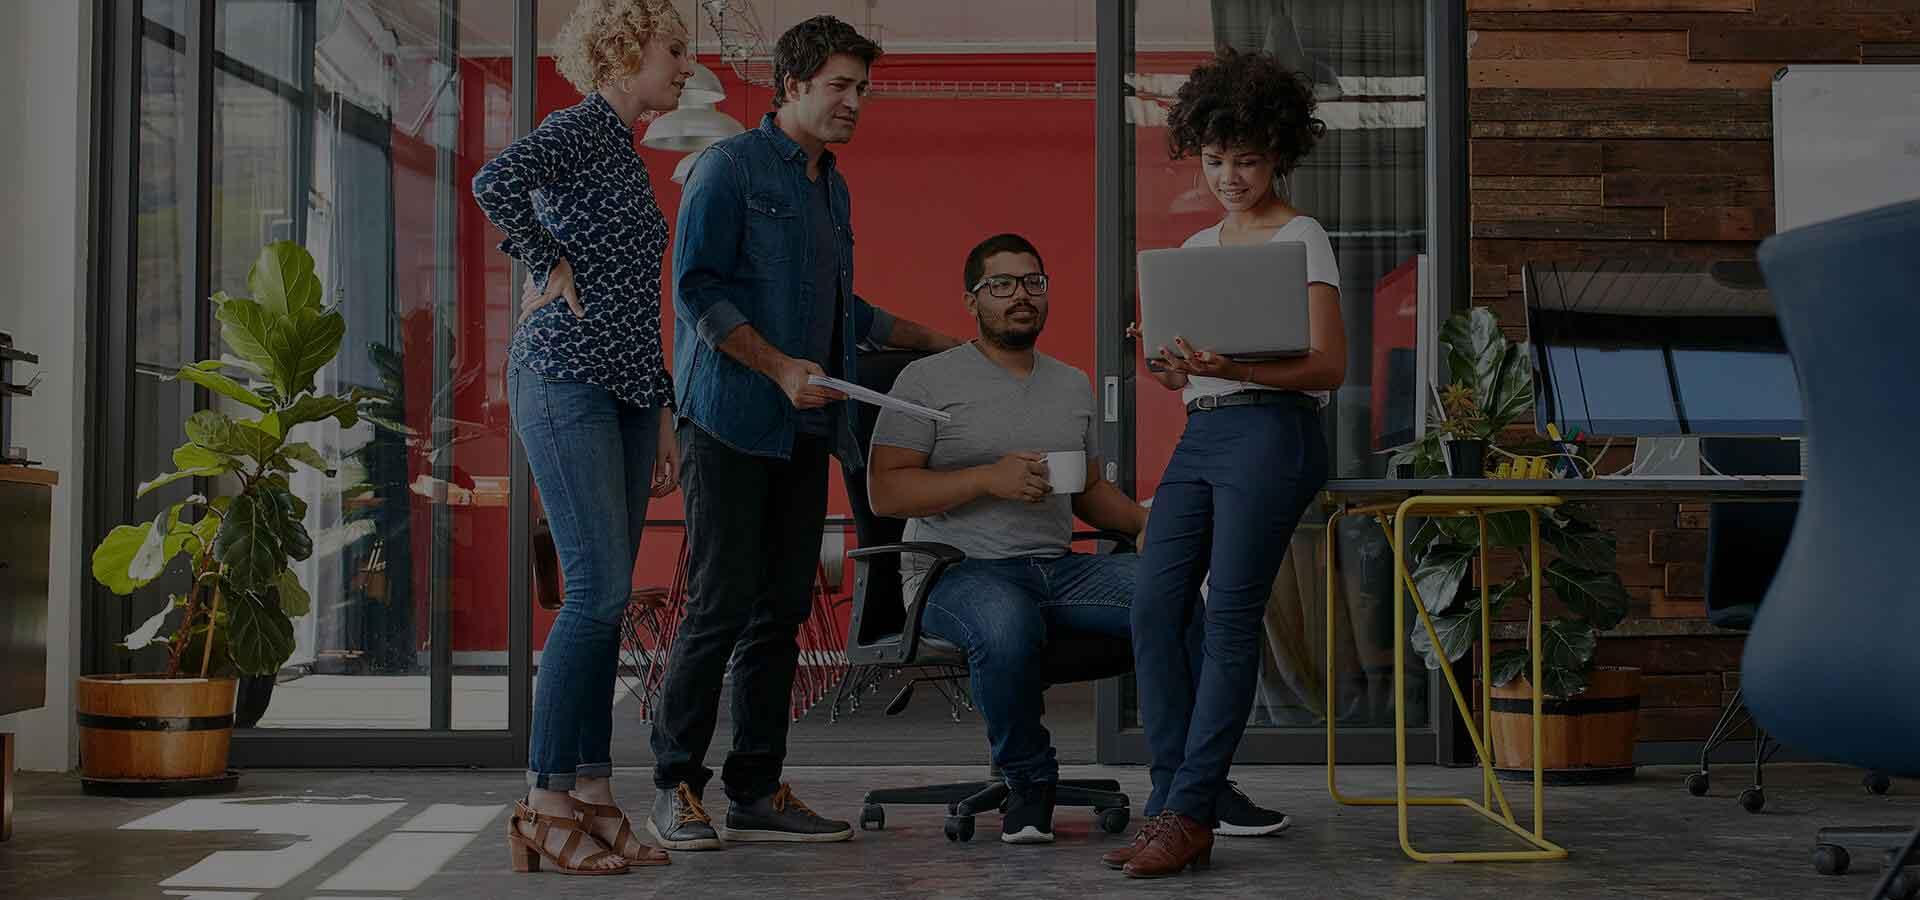 Wir helfen Unternehmen in eine nahtlos digitale und sichere Zukunft